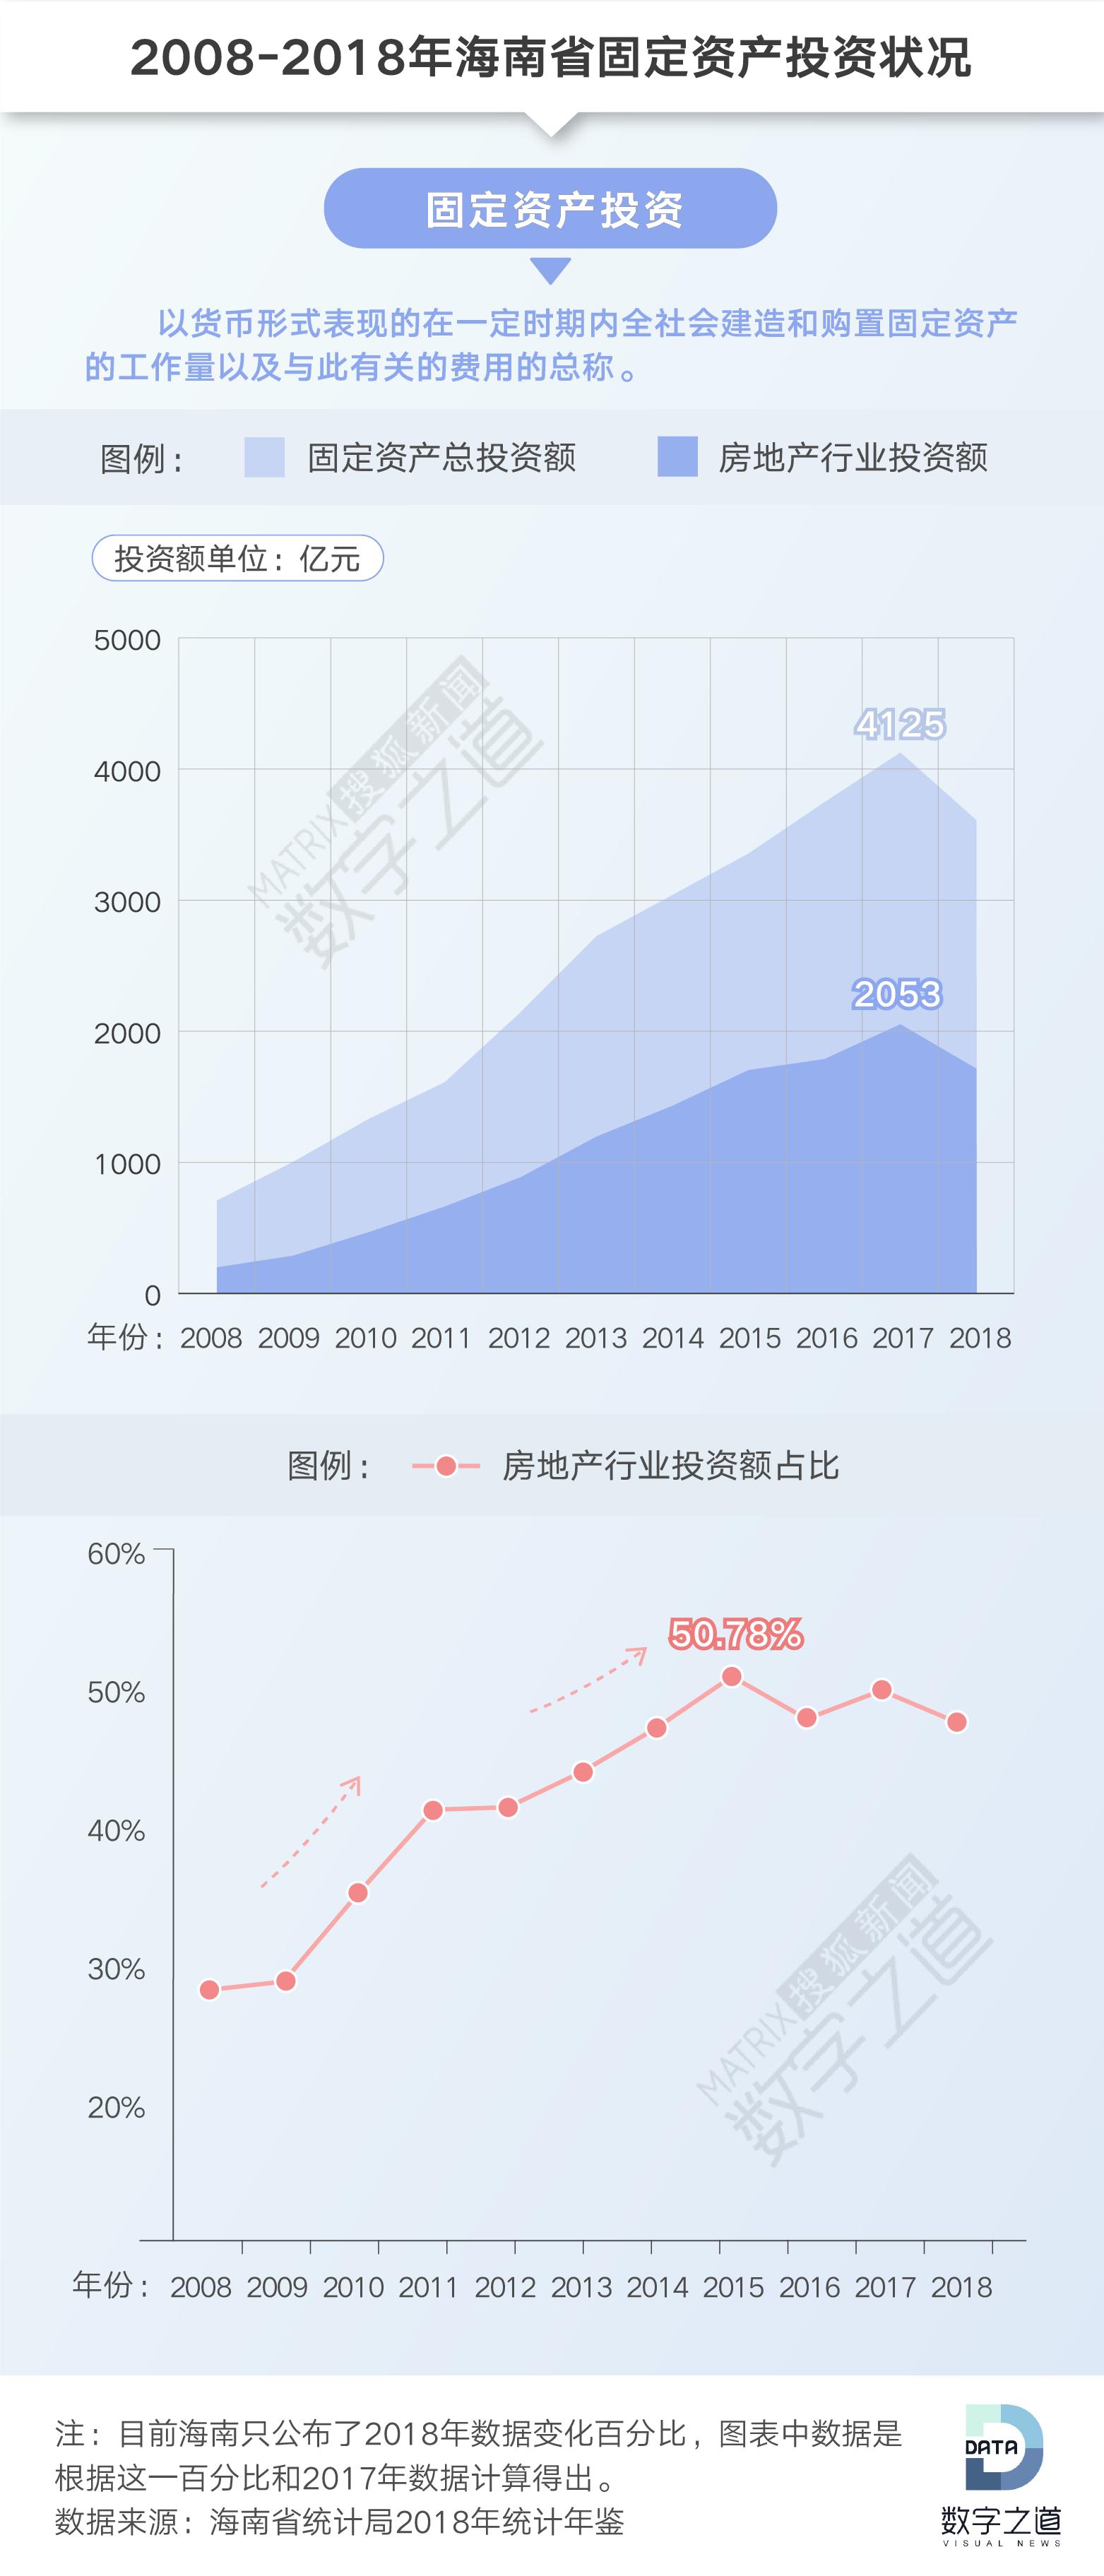 2018海南GDP增速不达标 房子卖不动严重拖后腿